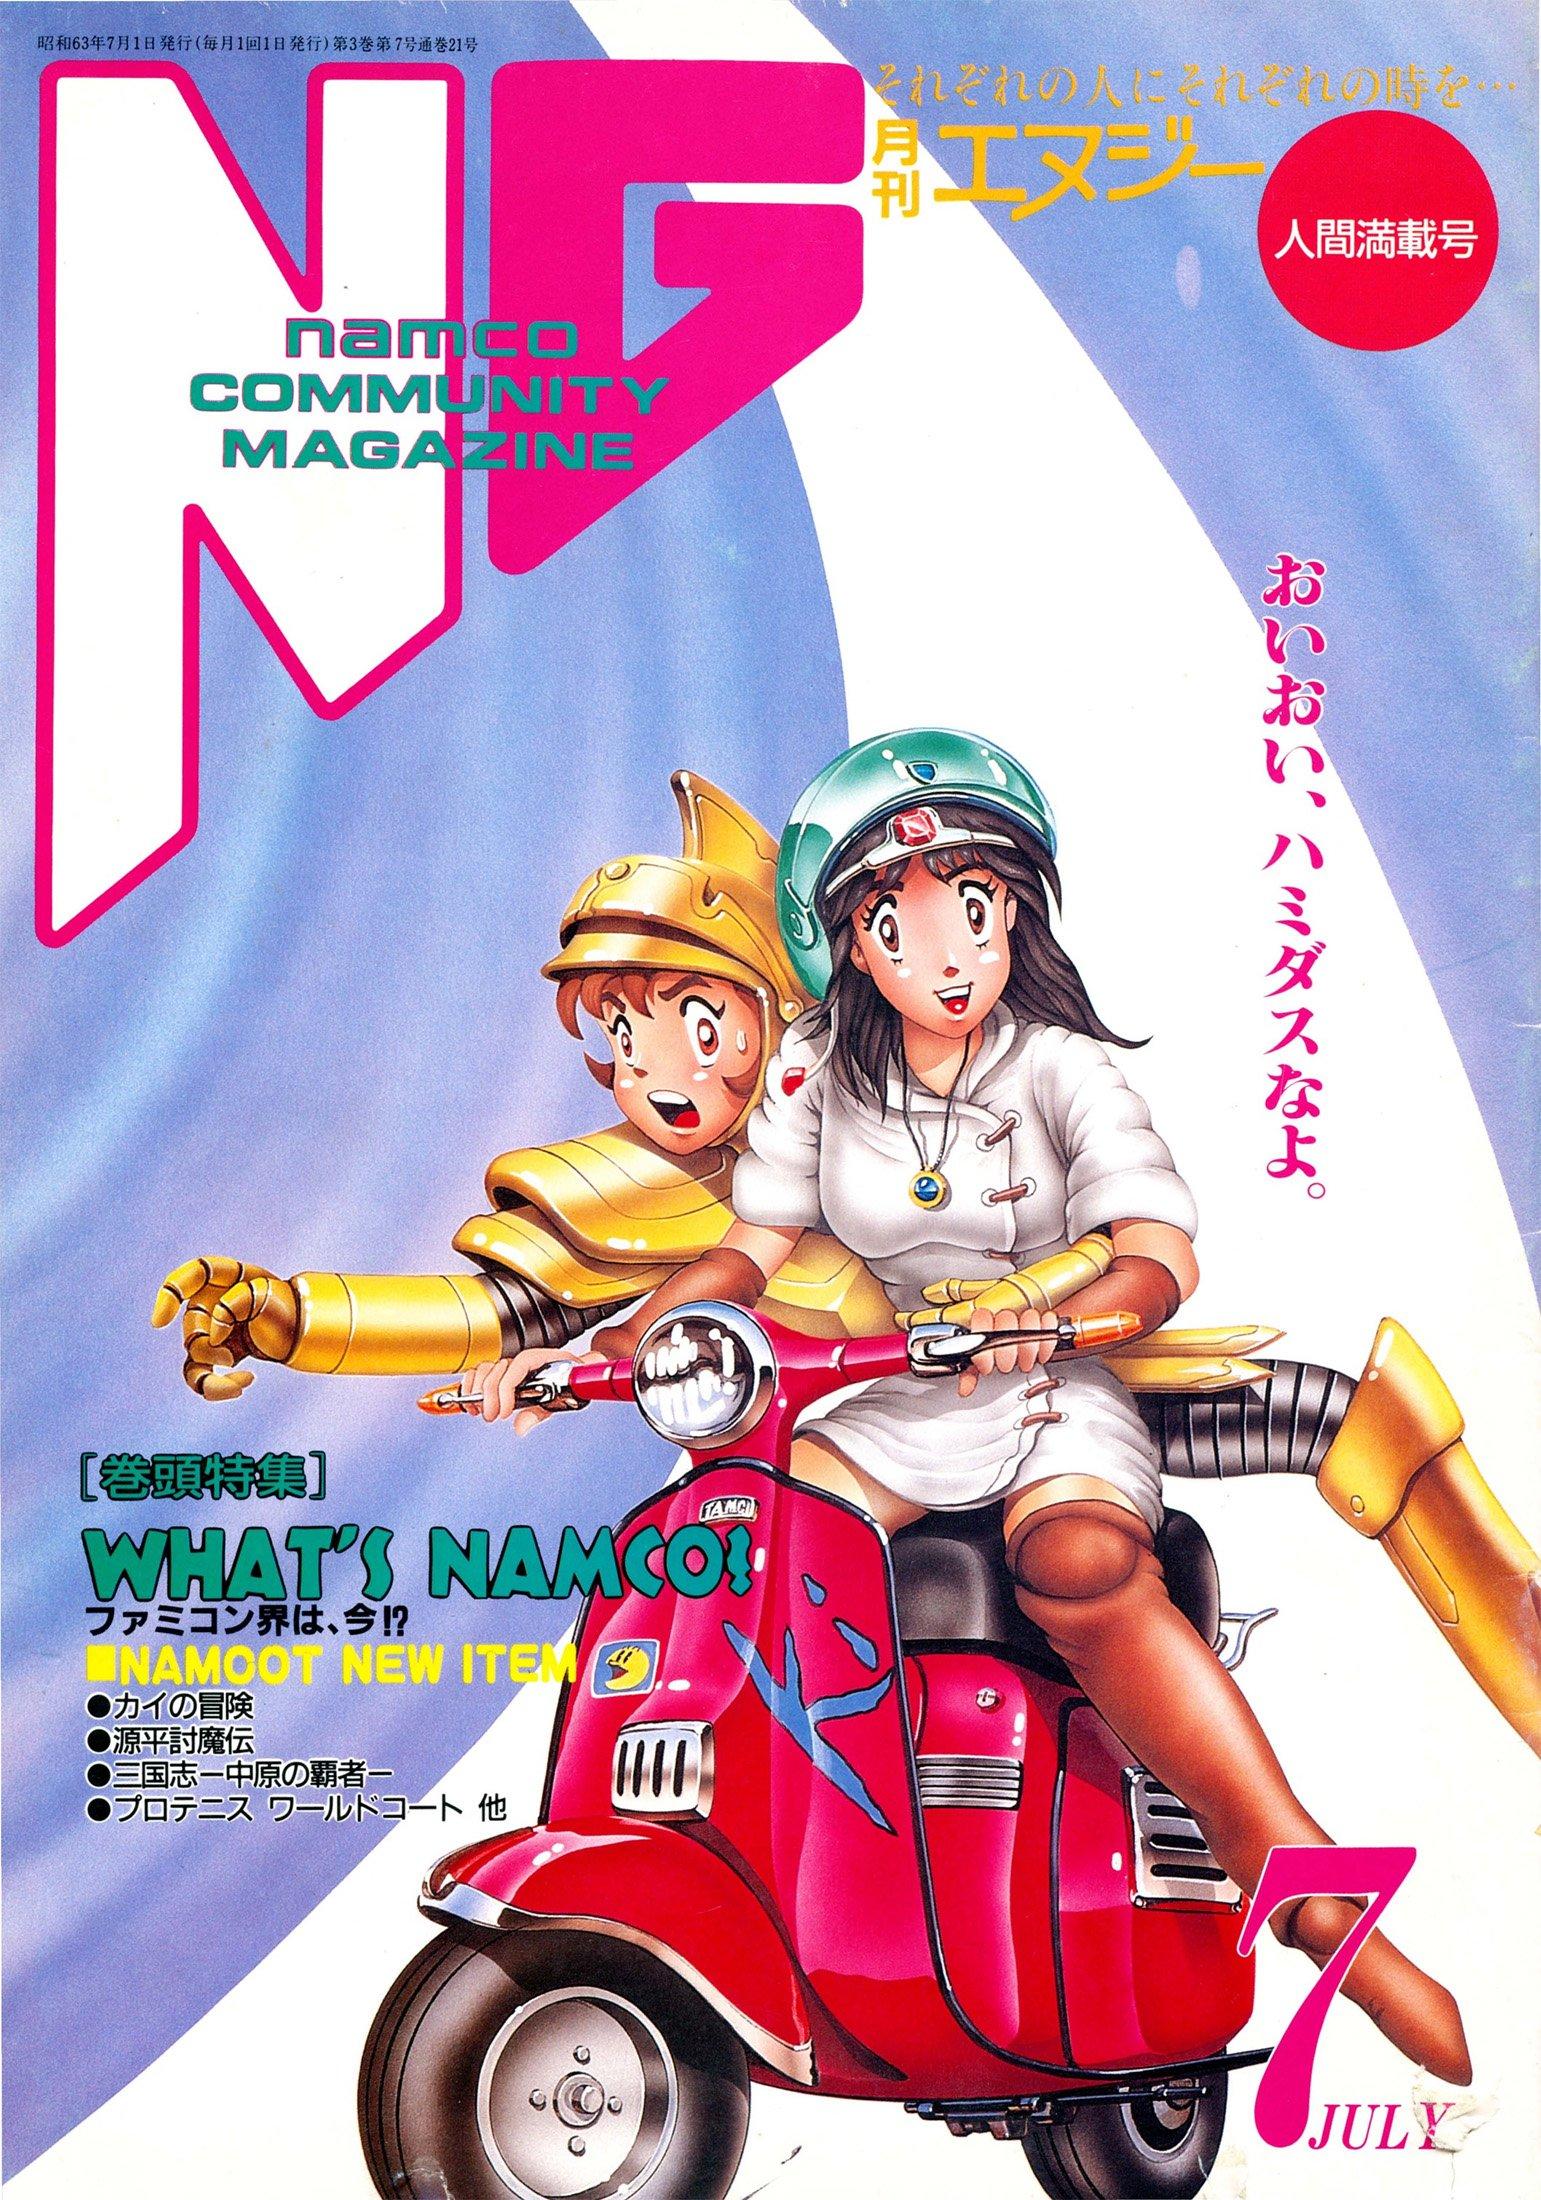 NG Namco Community Magazine Issue 21 (July 1988)